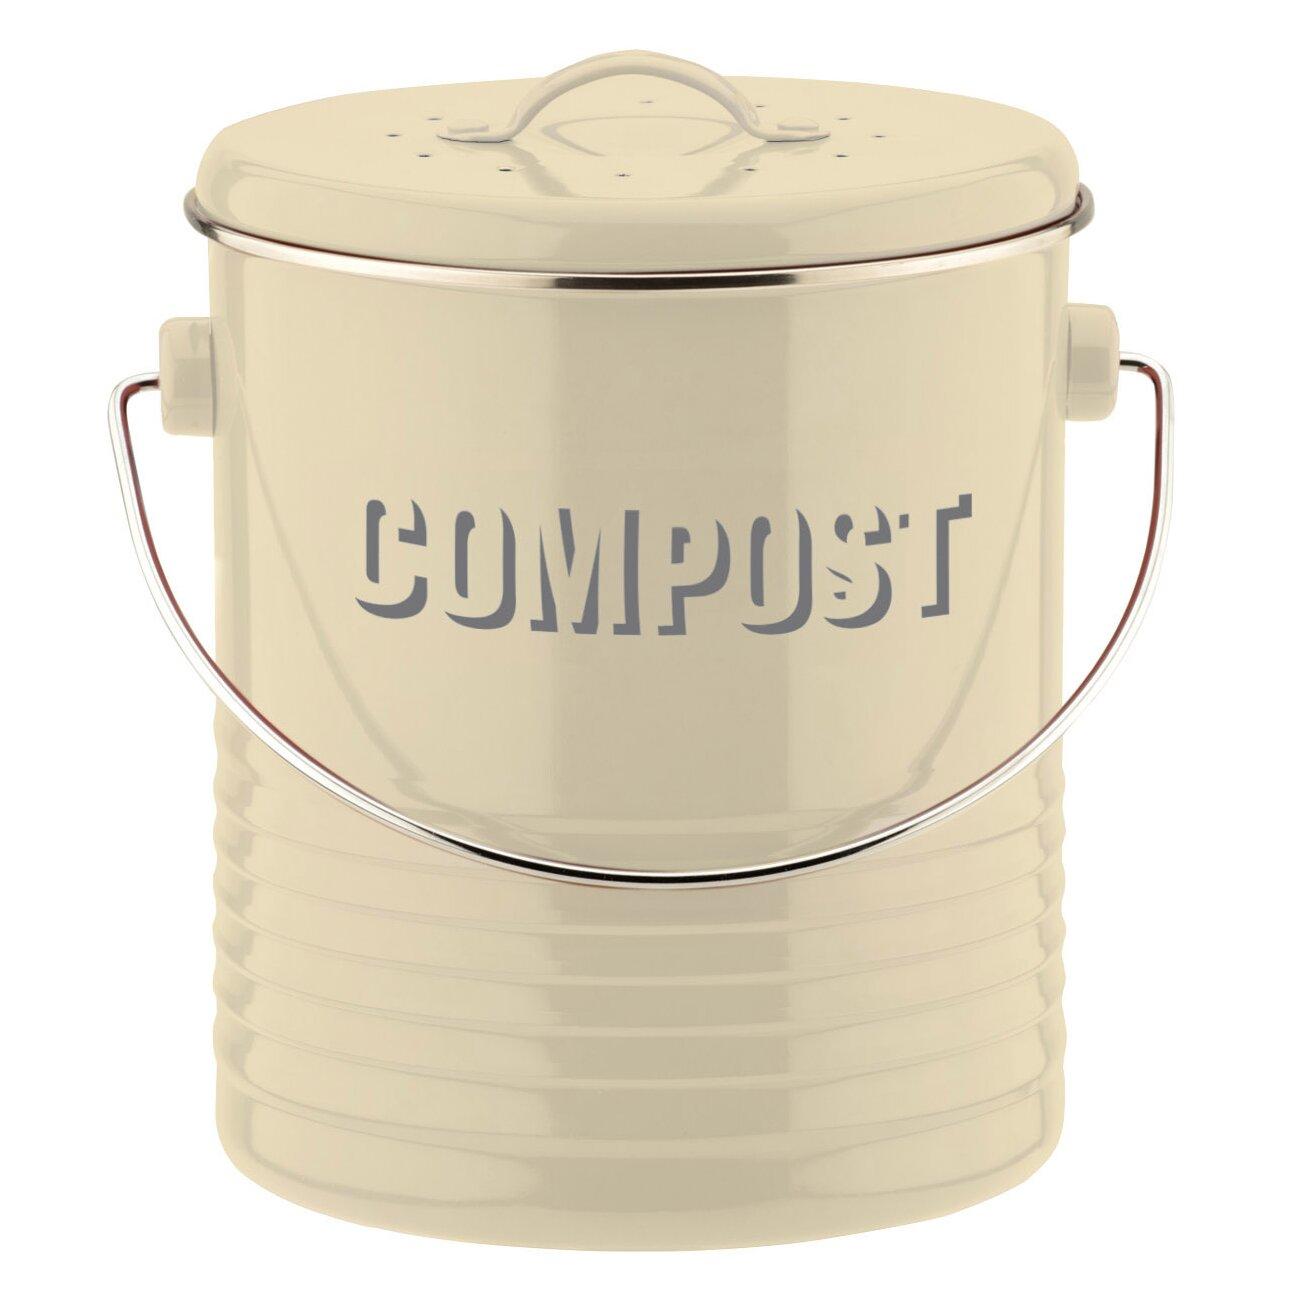 Typhoon kompostbehalter vintage kitchen in creme for Kompostbeh lter küche